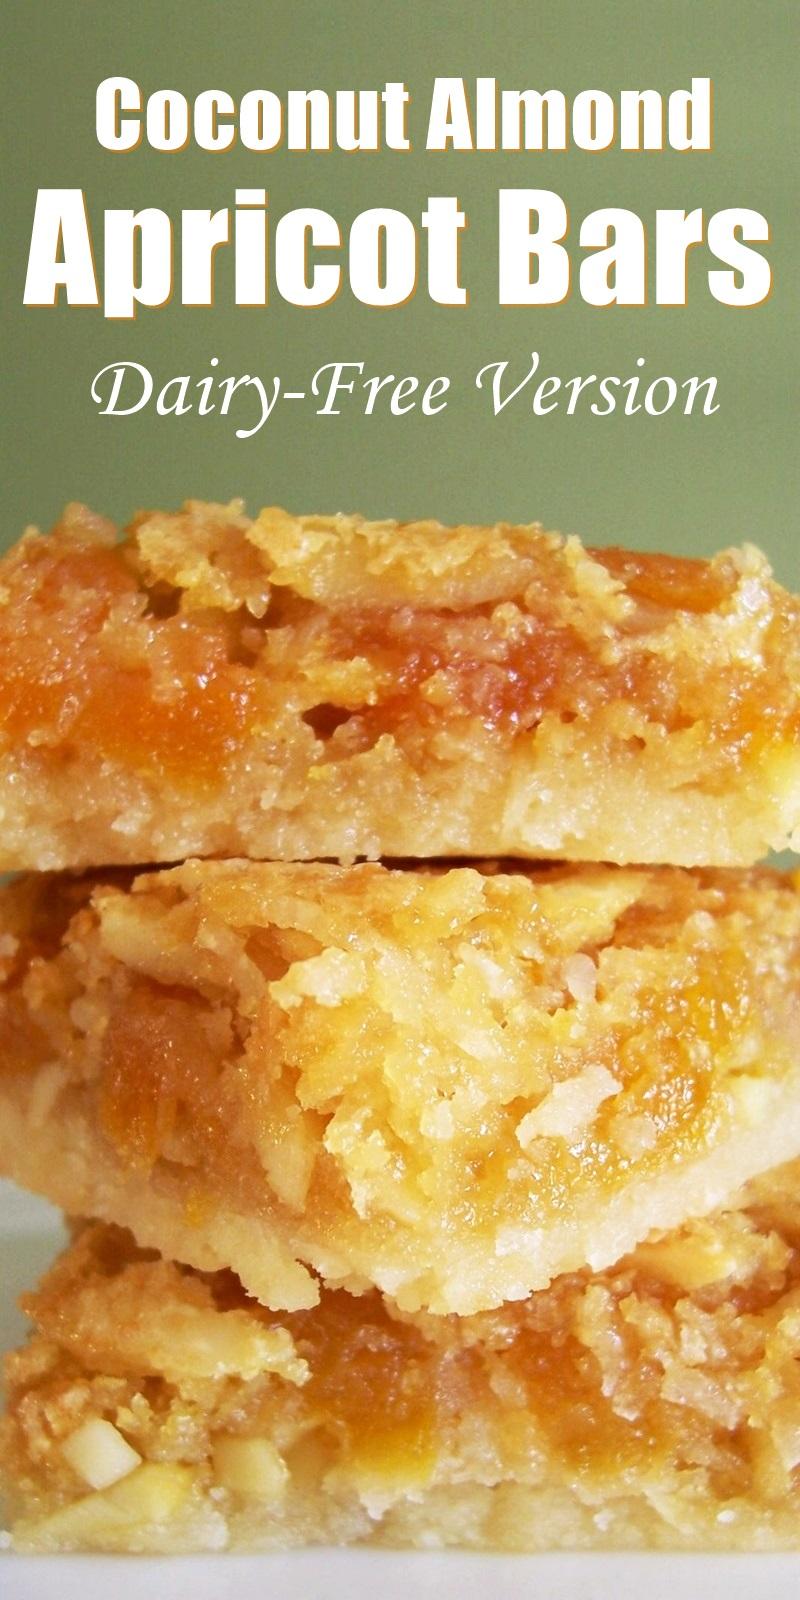 Coconut Almond Apricot Bars Recipe (Dairy-Free Version)